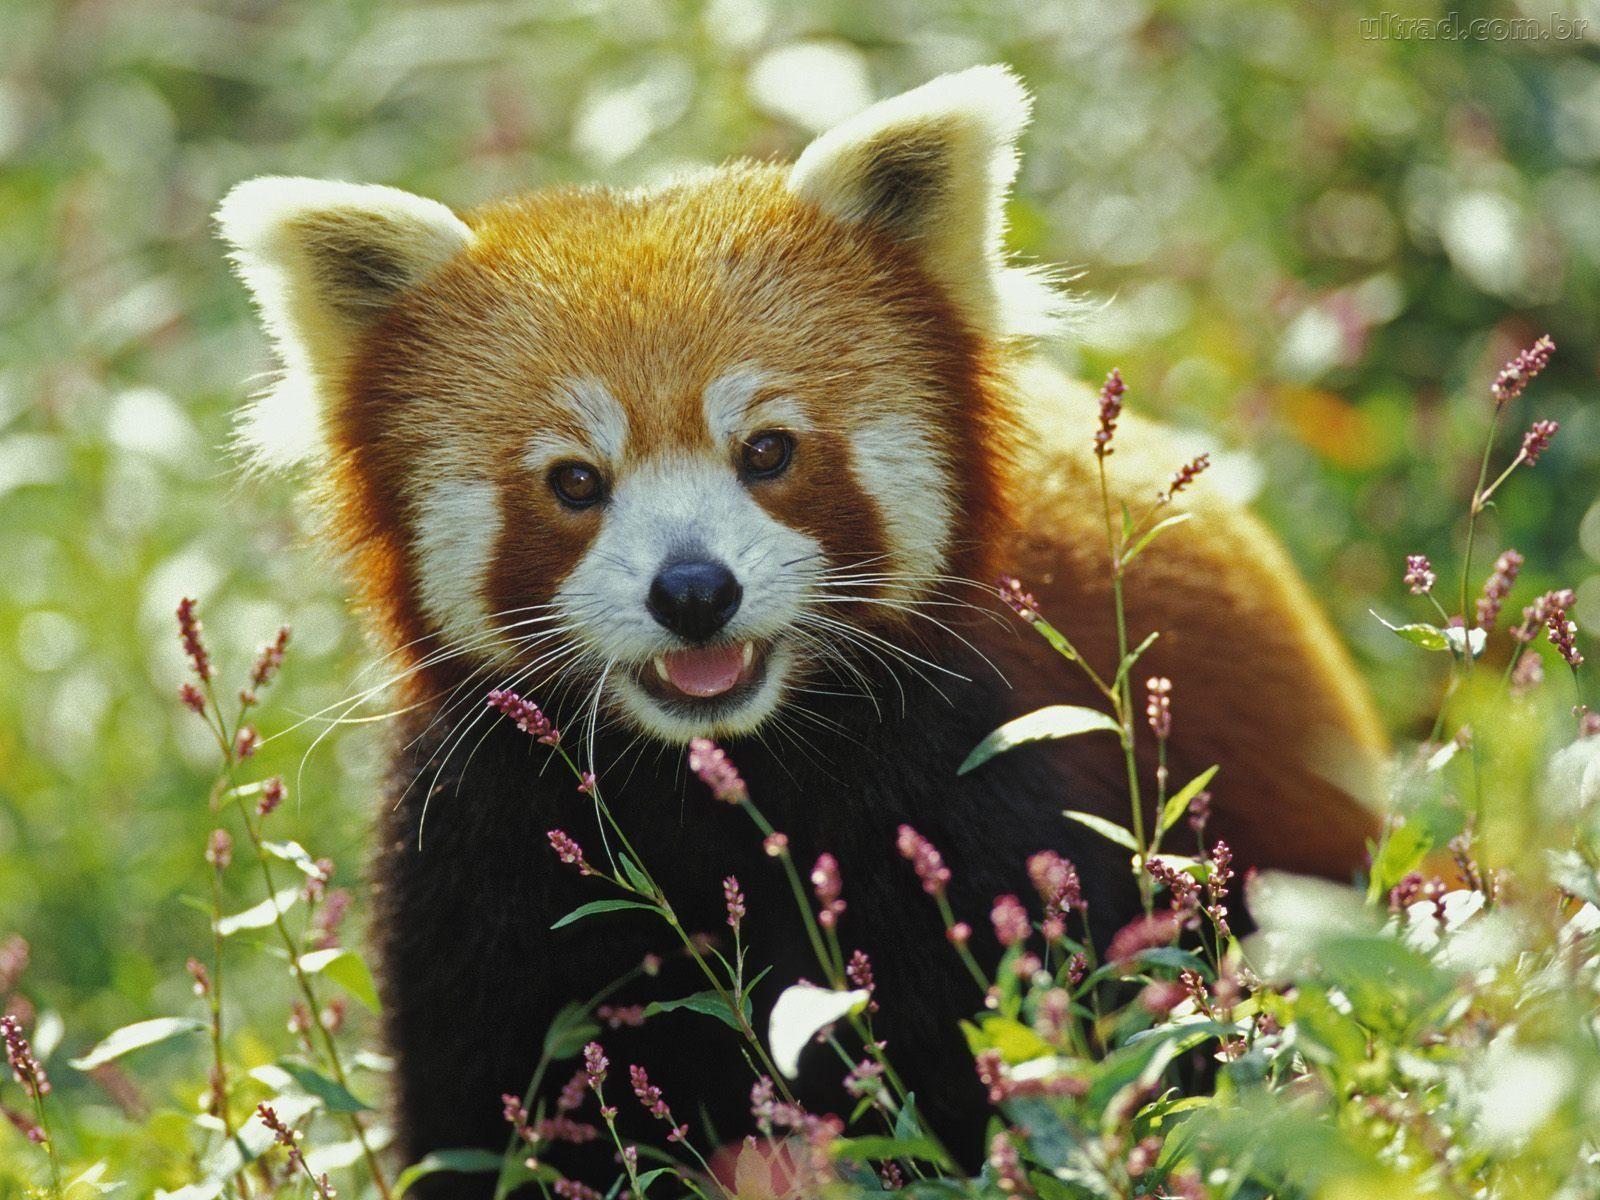 Papel De Parede Panda Vermelho Red Panda Cute Red Panda Bear Stuffed Animal Wallpaper red panda trunk tree nature